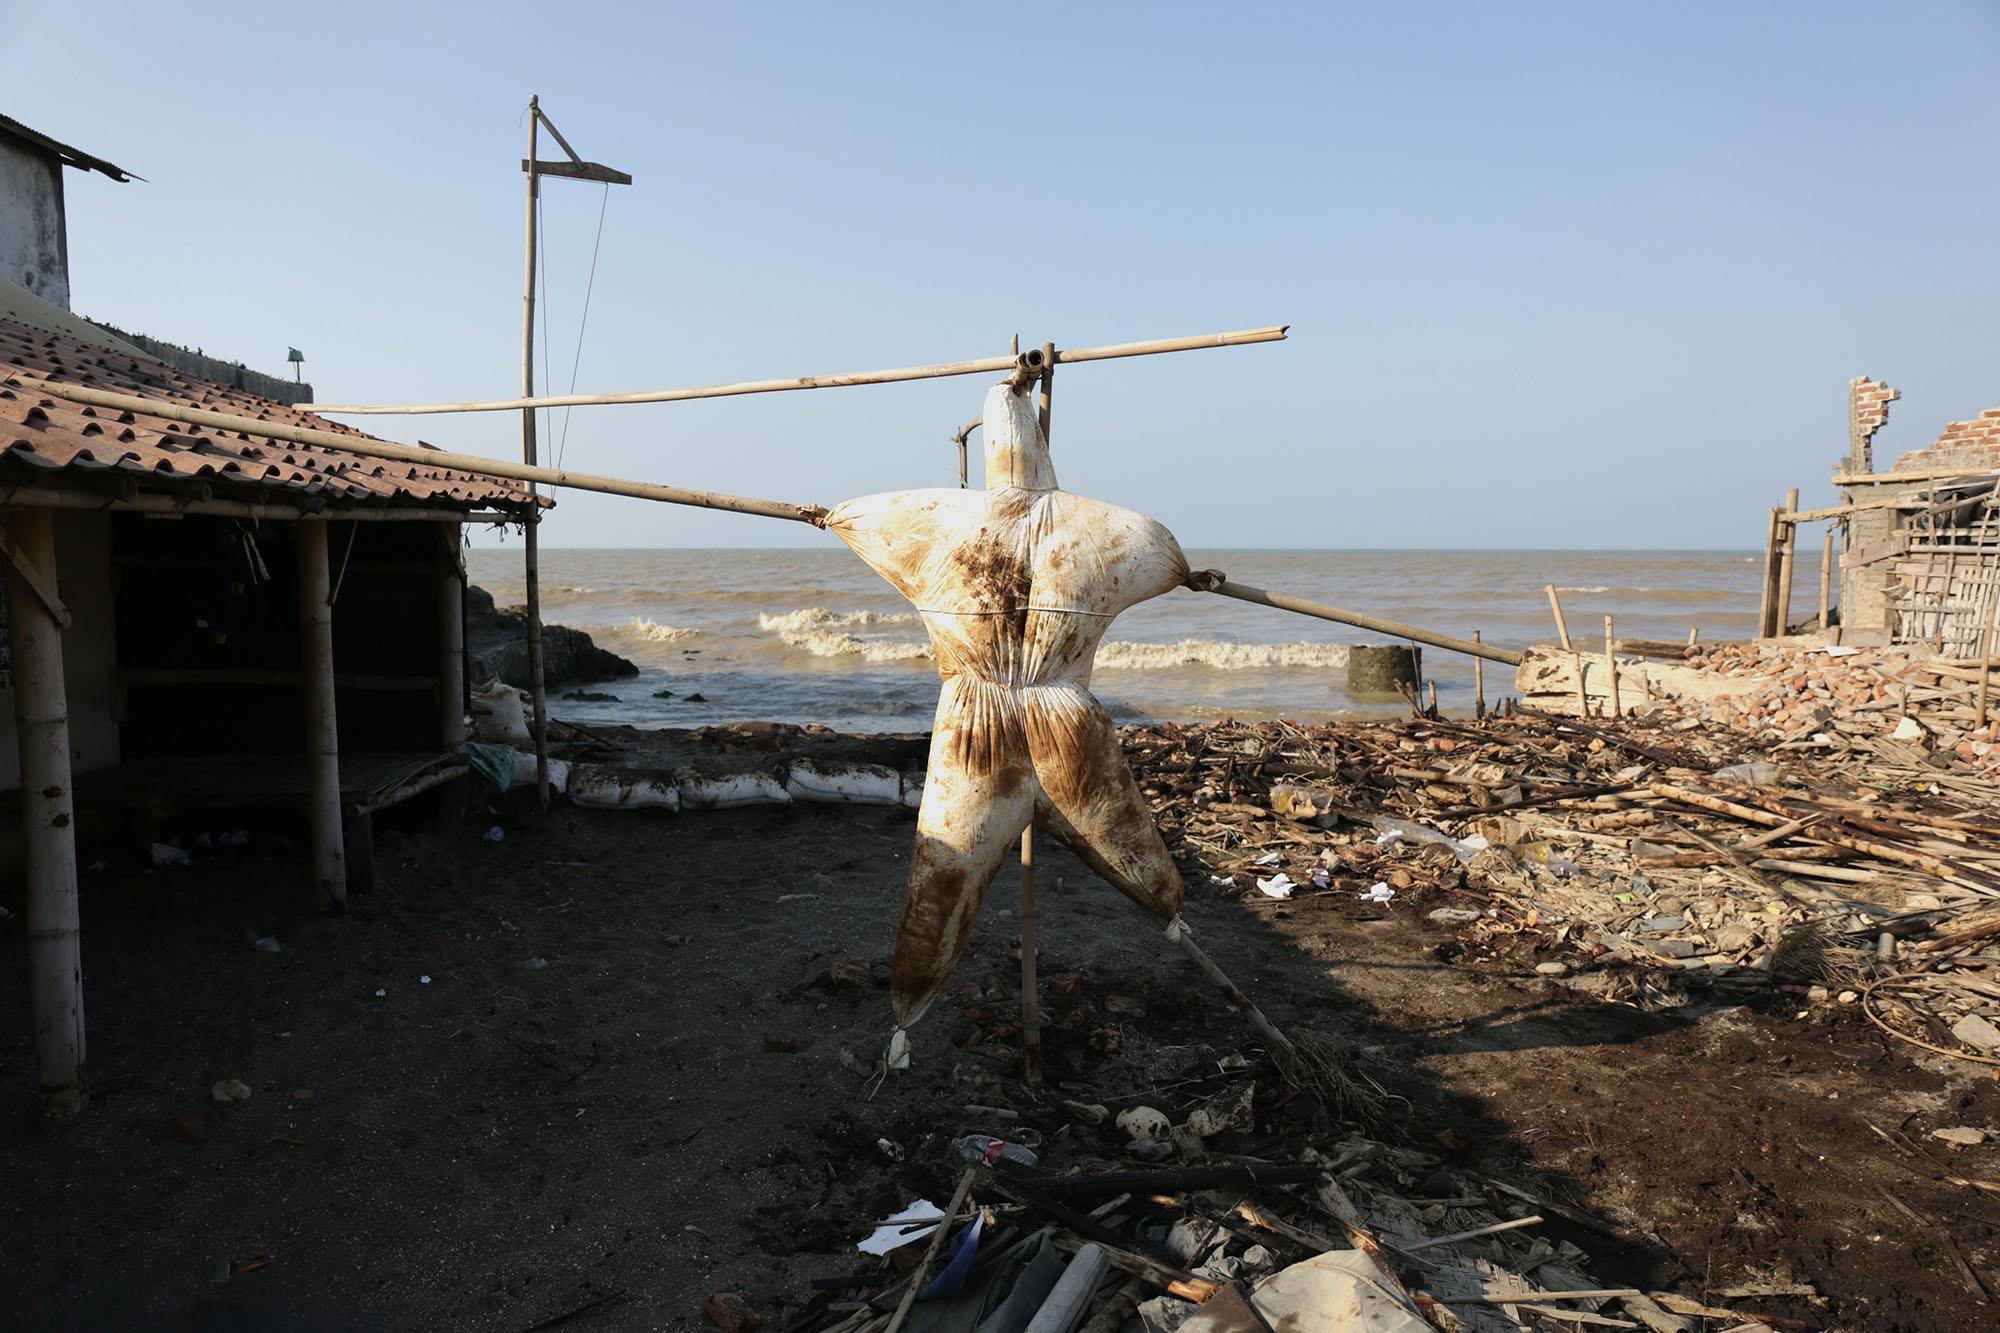 Baju nelayan yang digunakan untuk mengambil tumpahan minyak ONWJ, Cempaka Jaya, Karawang, Jawa Barat (19/8).